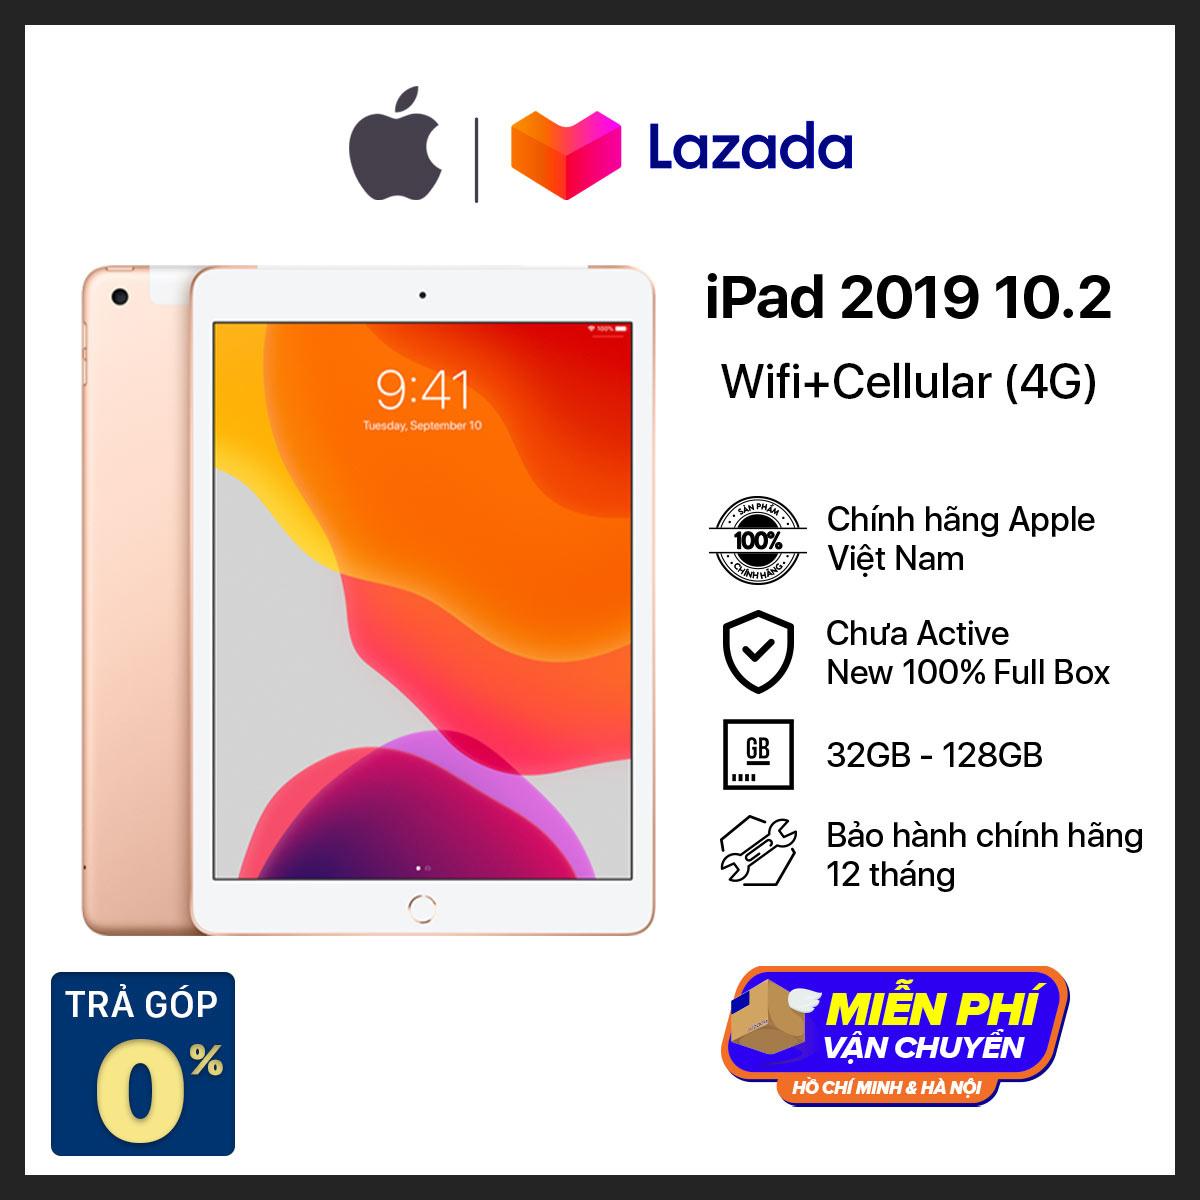 Máy Tính Bảng iPad Gen 7 (2019) 10.2 inch – WiFi + Cellular(4G) – Hàng Chính Hãng Việt Nam – Mới 100% (Chưa Kích Hoạt) – Trả Góp 0% – Màn Hình Tương Thích Apple Pencil thế hệ 1 – Chip A10 Mạnh Mẽ – Hệ điều hành iPadOS